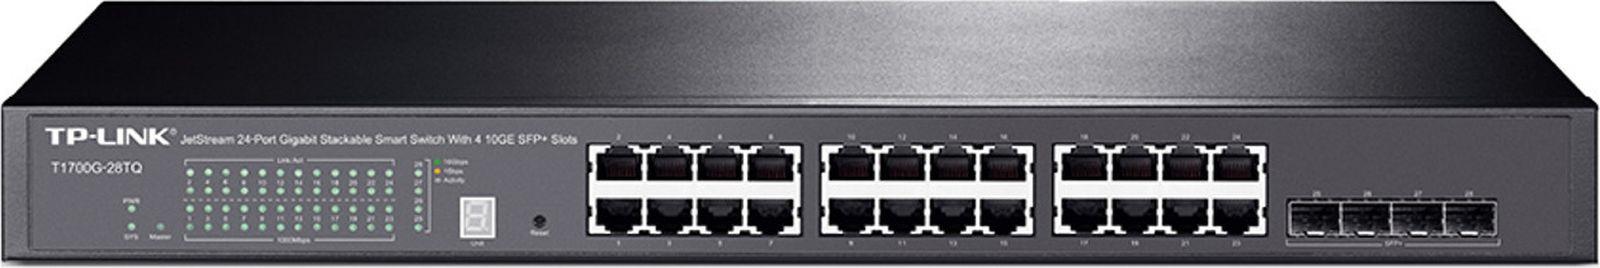 Коммутатор TP-Link T1700G-28TQ 380649 24G 4SFP управляемый, 380649 коммутатор tp link tl sg1024de 24g управляемый